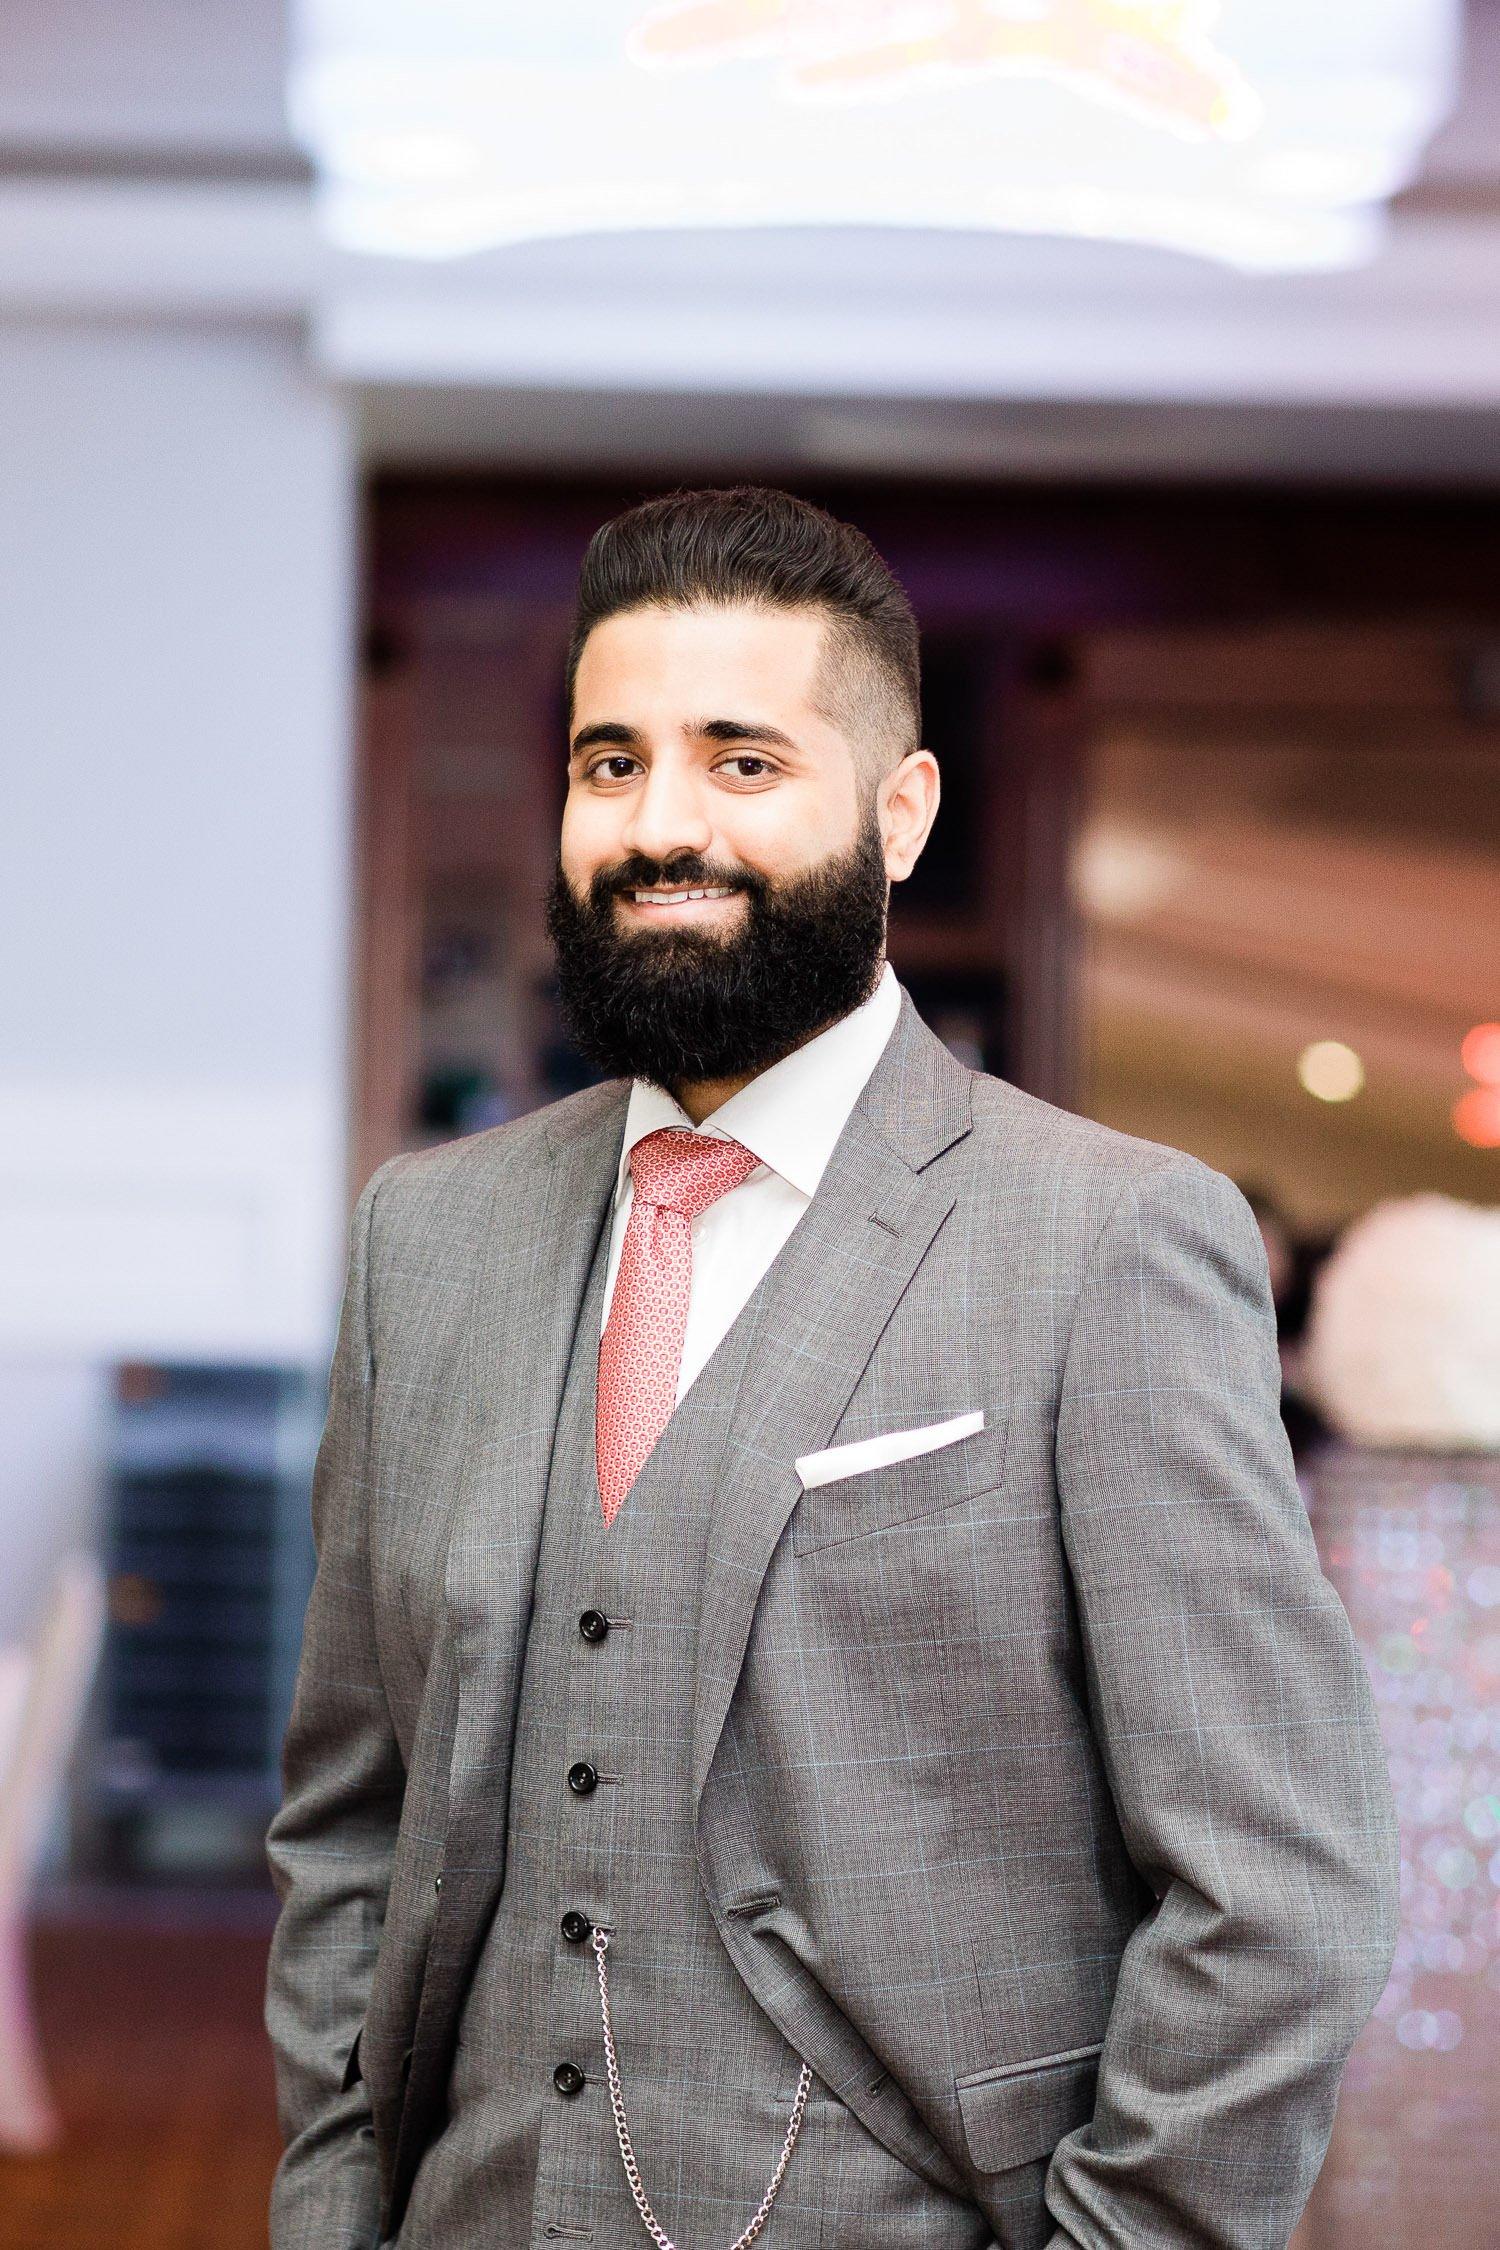 Indian groom posing